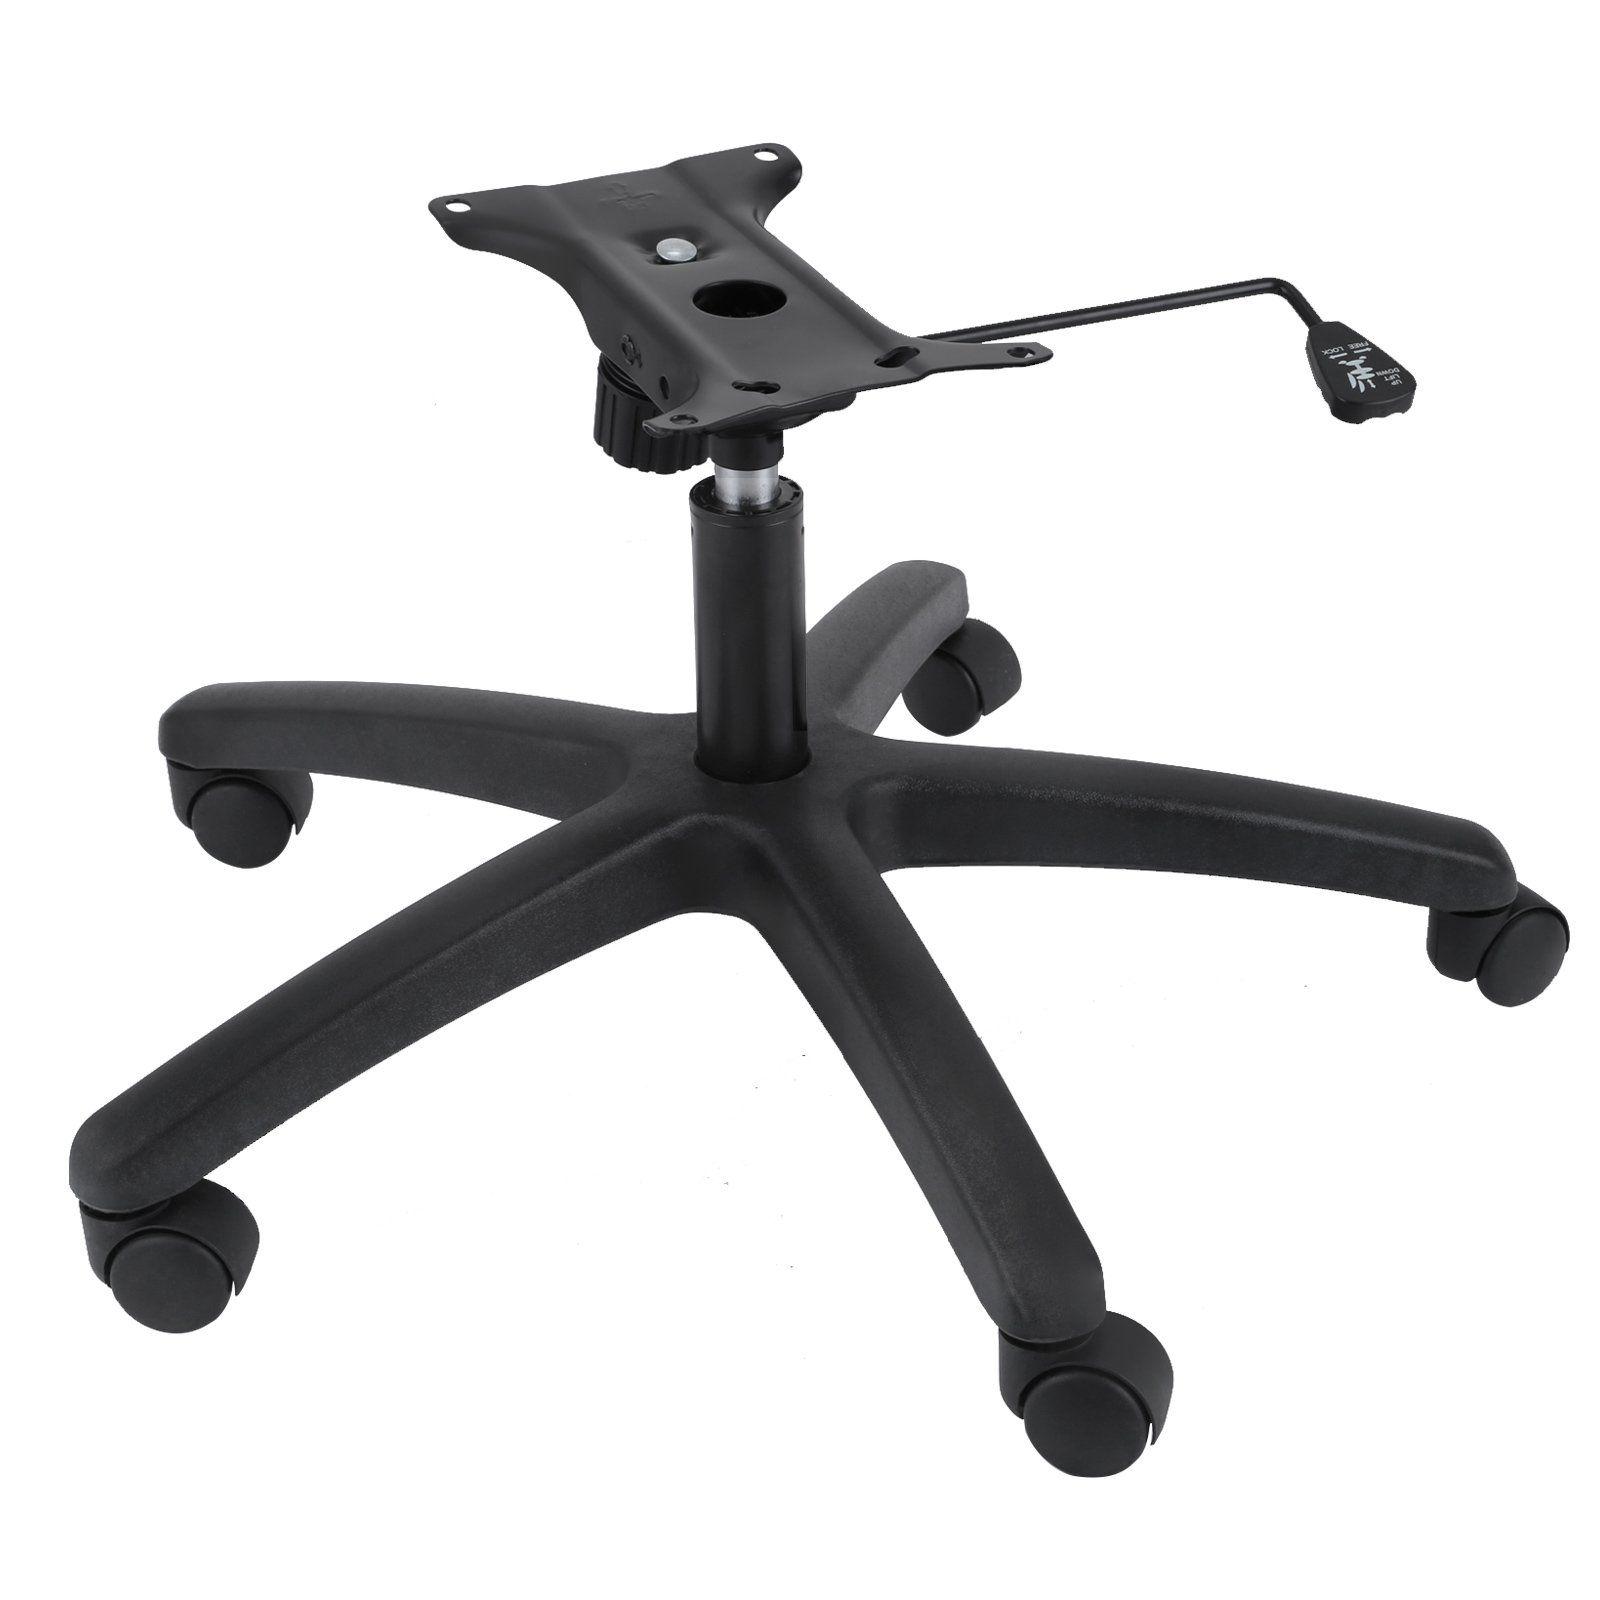 Mophorn Office Chair Base 28 Inch Swivel Chair Base Heavy Duty 350